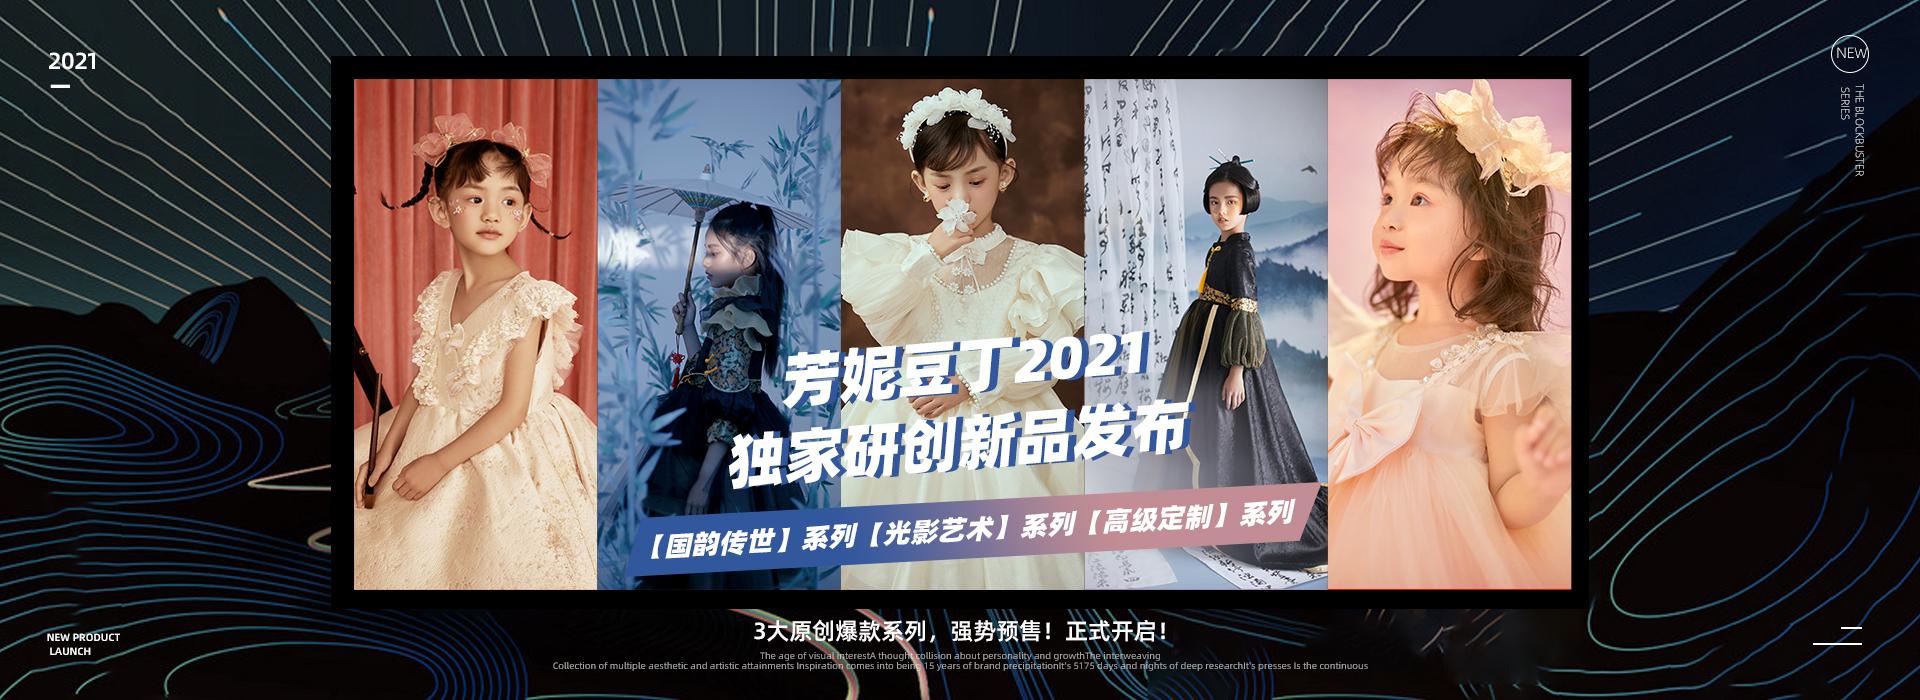 芳妮豆丁2021独家研创新品发布